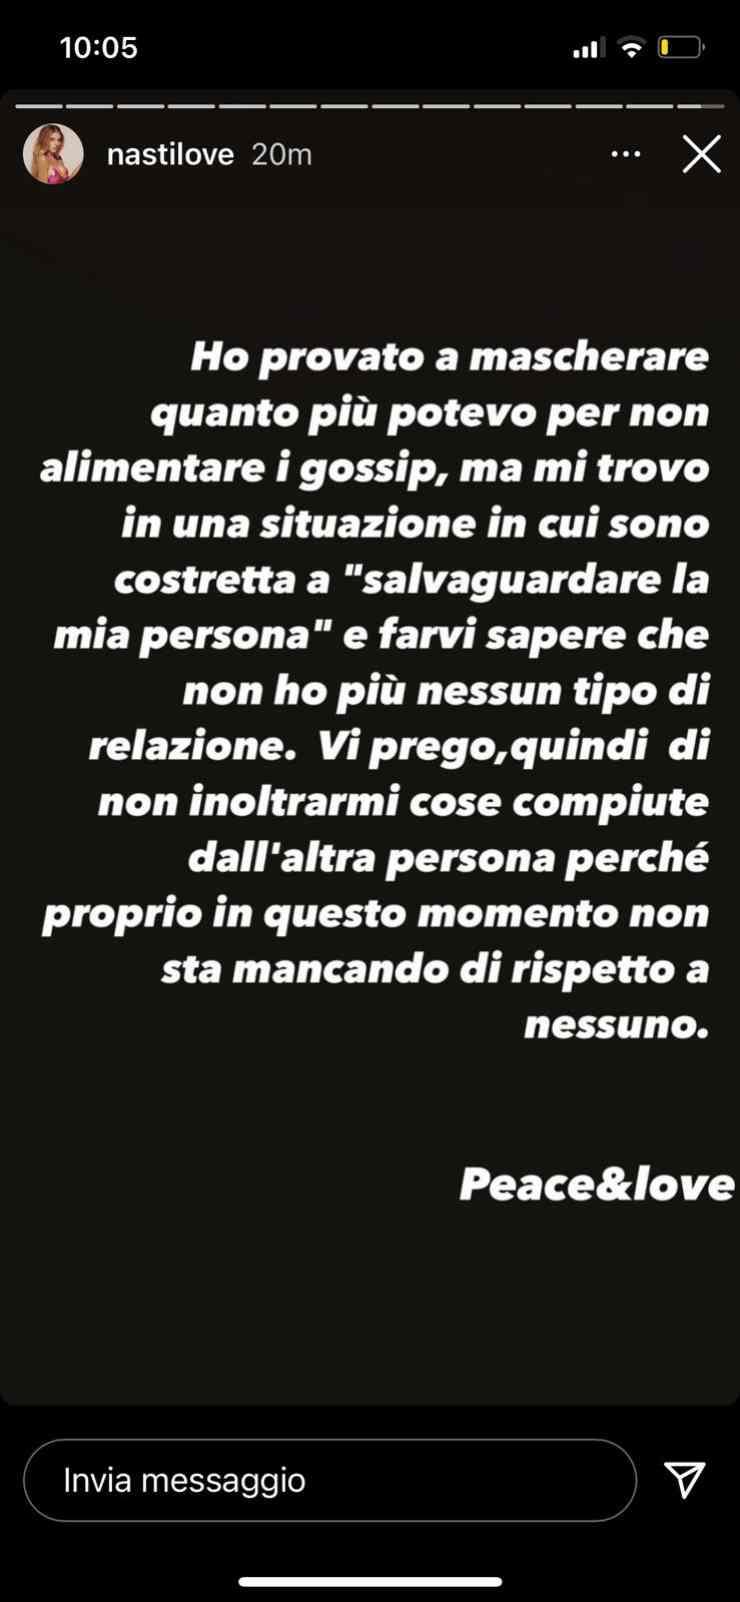 Chiara Nasti post: Fonte: Instagram